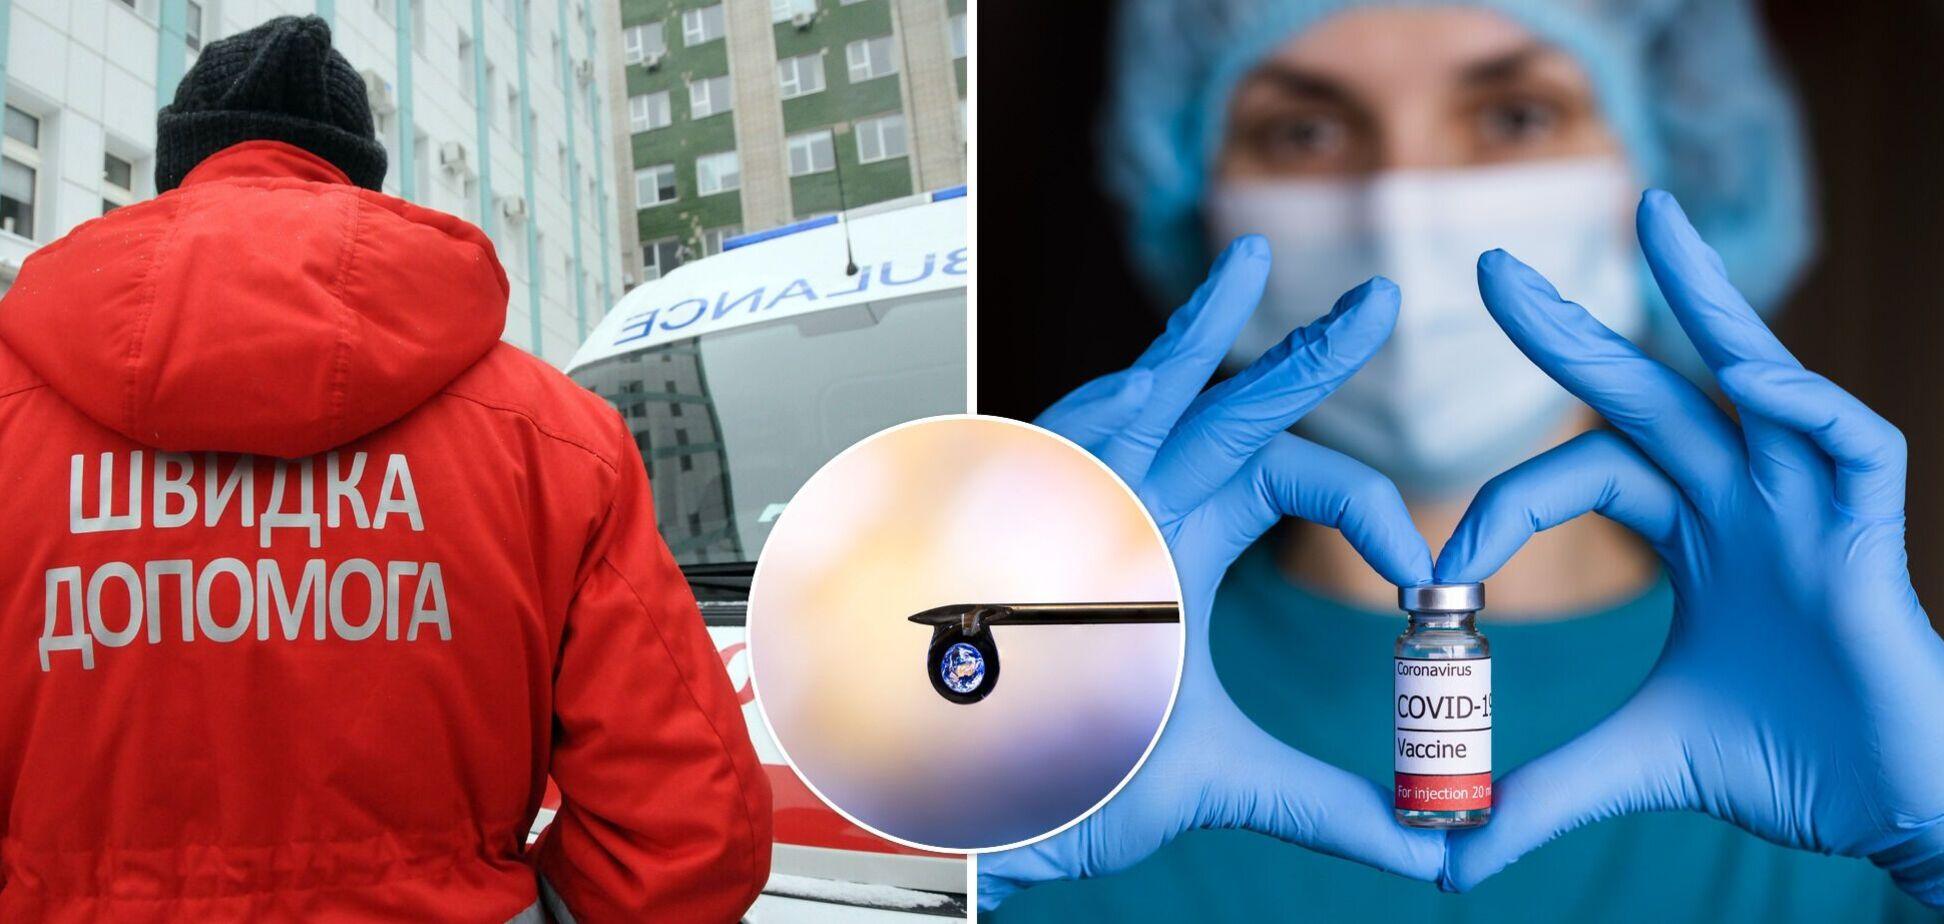 Чи можна самому вибрати вакцину проти COVID-19? Українцям пояснили важливі нюанси